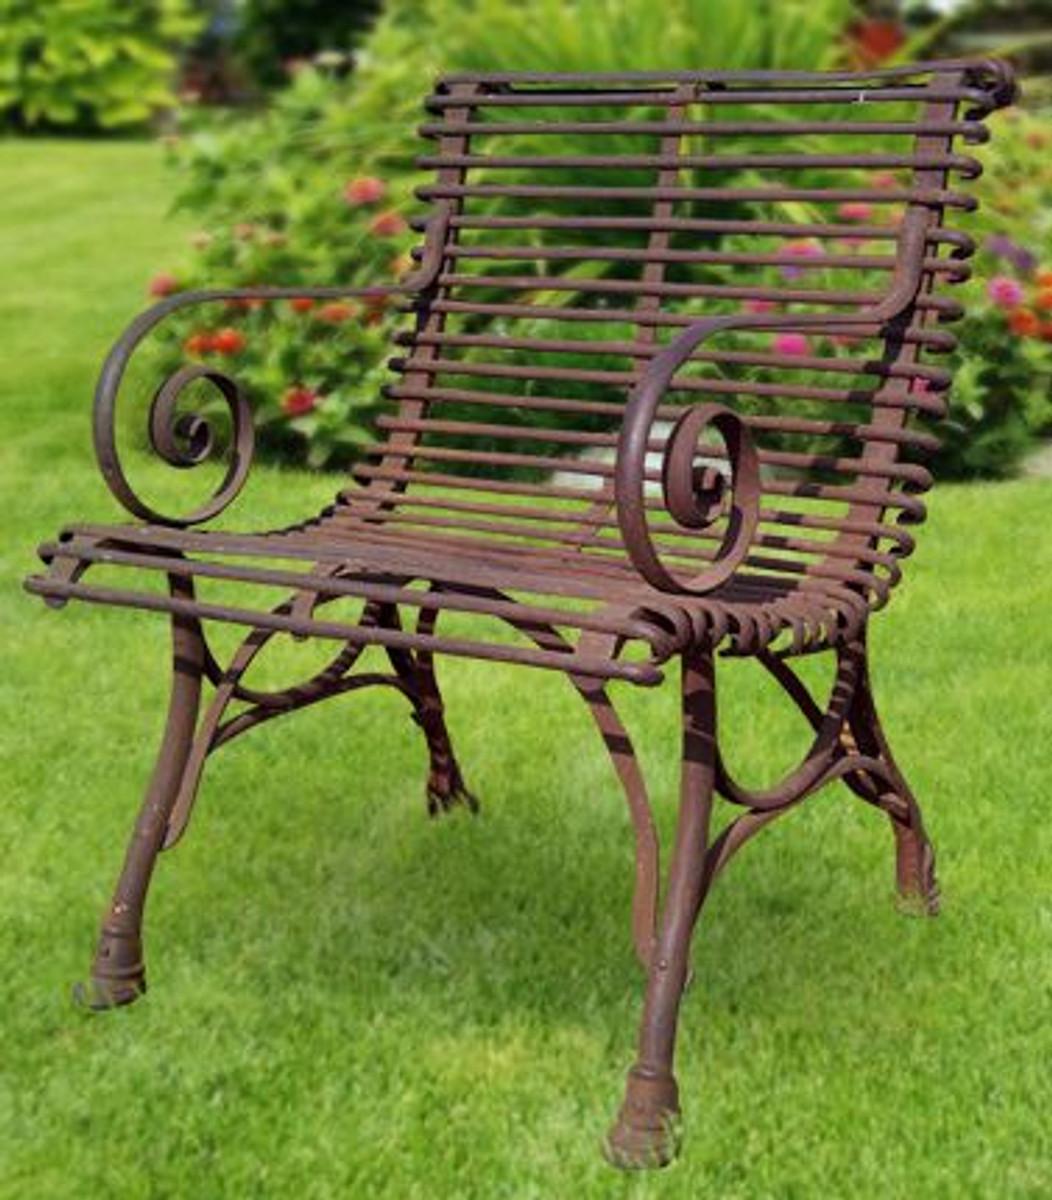 Casa Padrino Gartenstuhl aus Schmiedeeisen - verschiedene Farben - 65 cm x 60 cm - Luxus Gartenmöbel 3